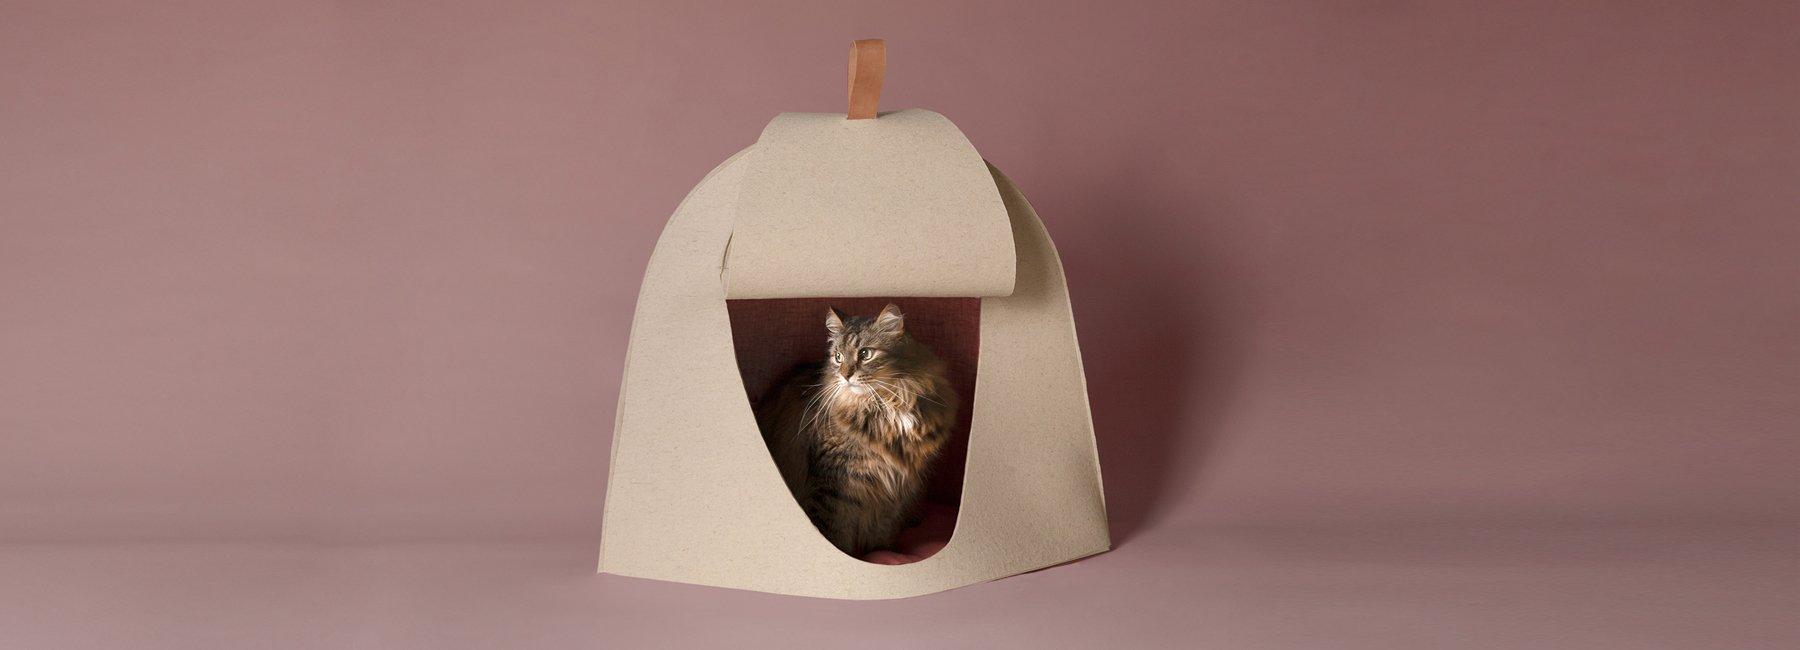 超舒适宠物窝与糖果色宠物餐具